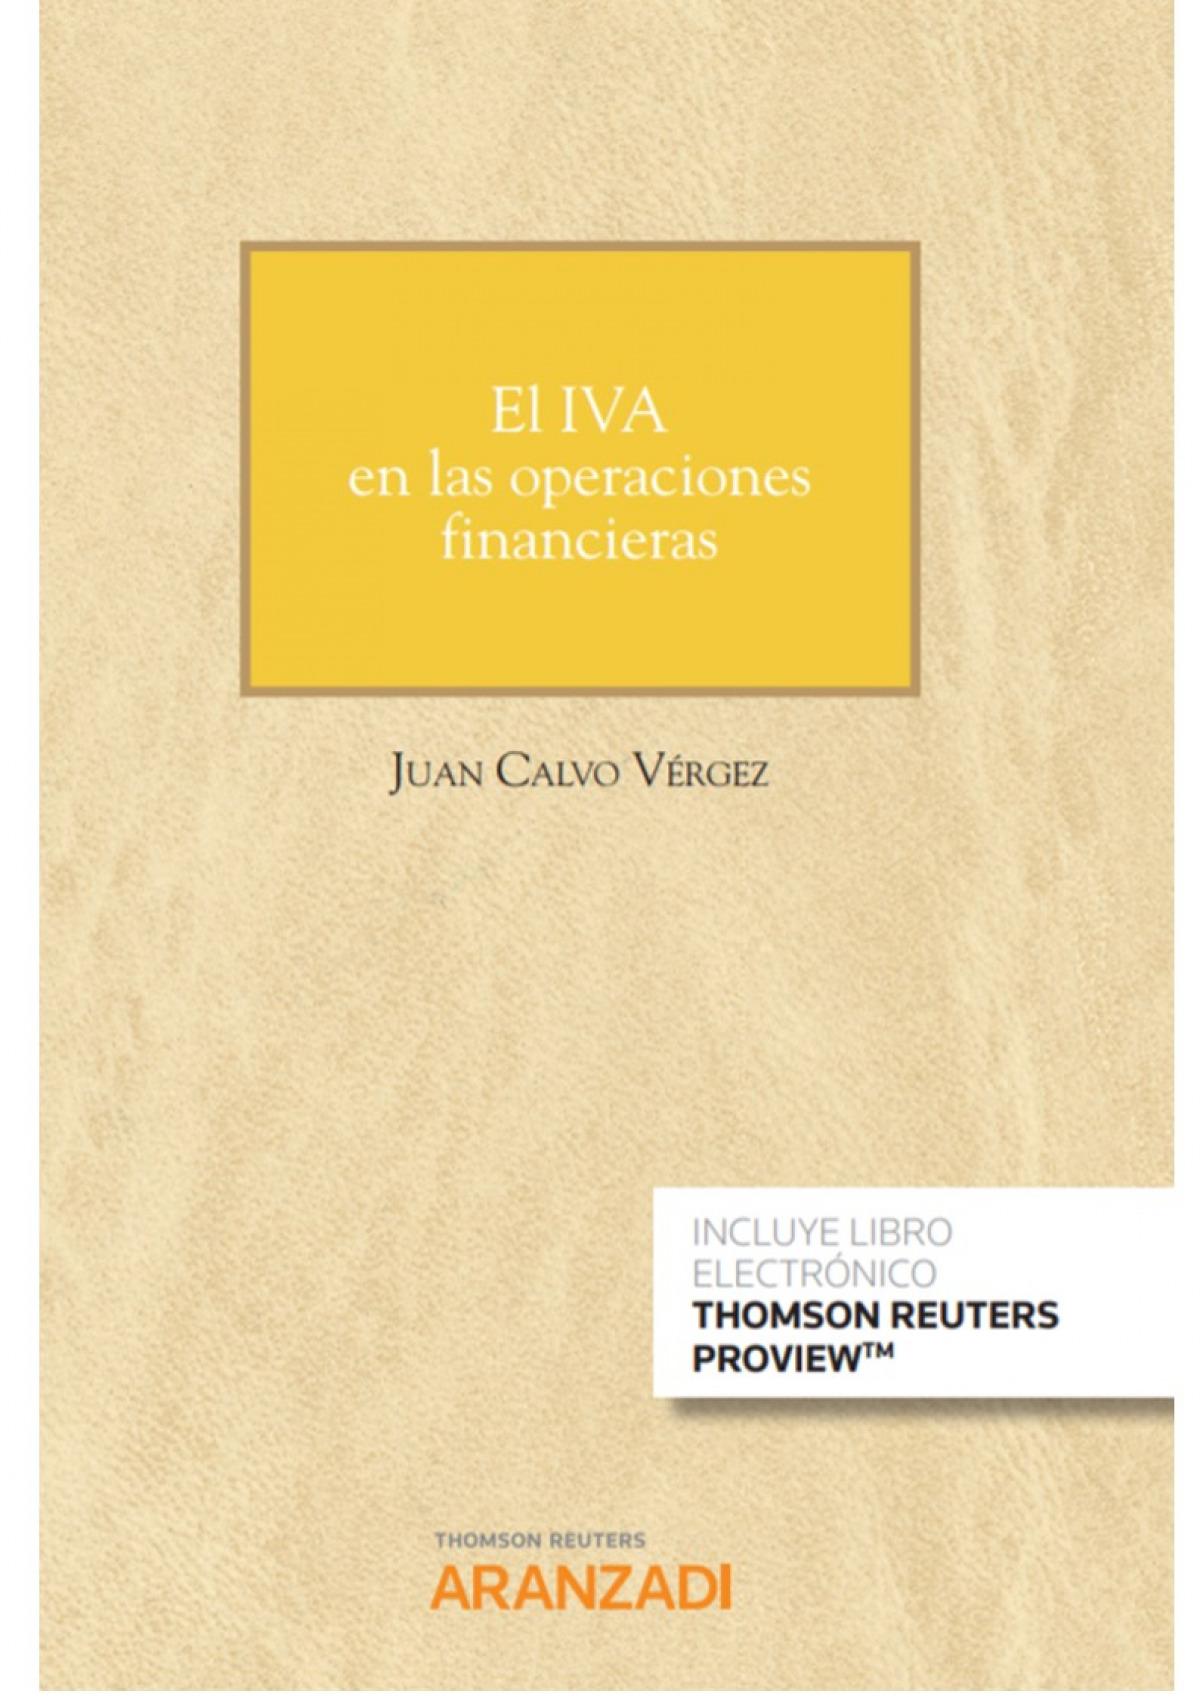 El IVA en las operaciones financieras (Papel + e-book)